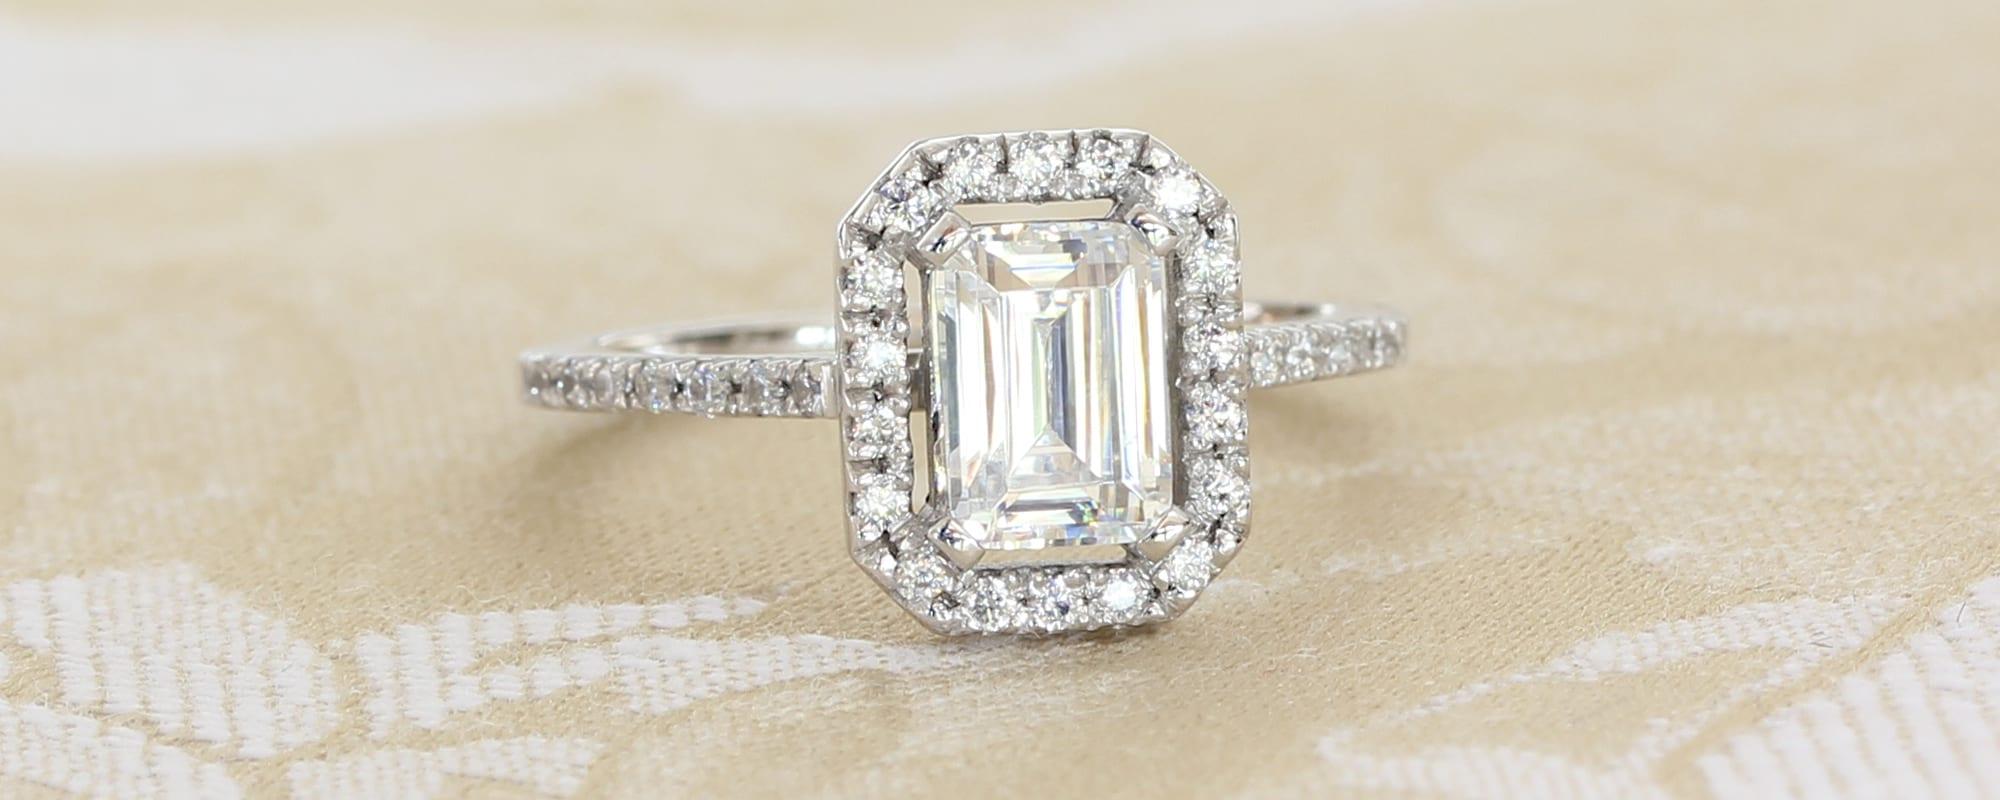 Bespoke Ethical Halo Diamond Engagement Ring